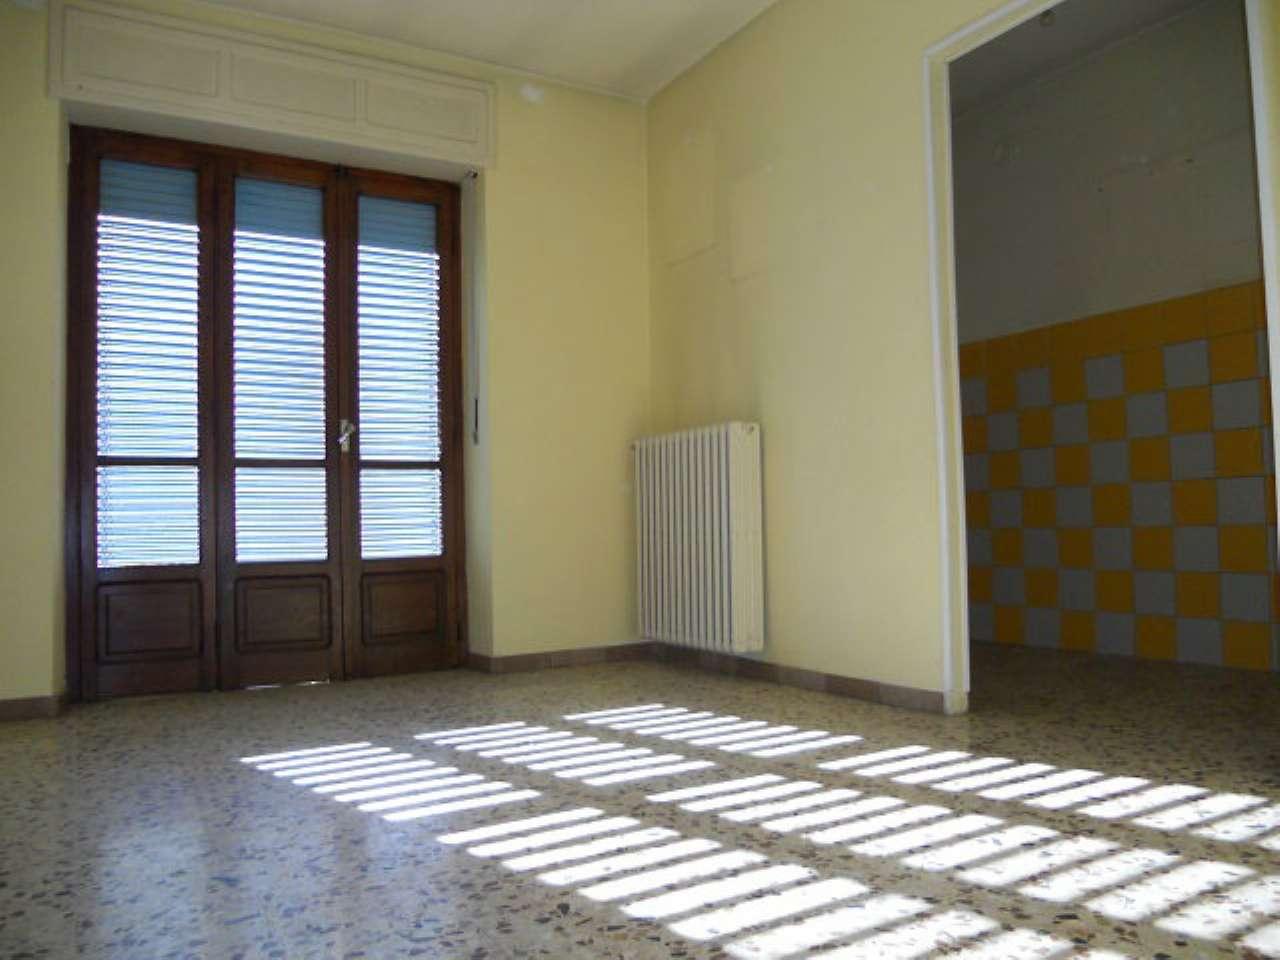 Appartamento in vendita a Chiusa di San Michele, 3 locali, prezzo € 46.000   PortaleAgenzieImmobiliari.it